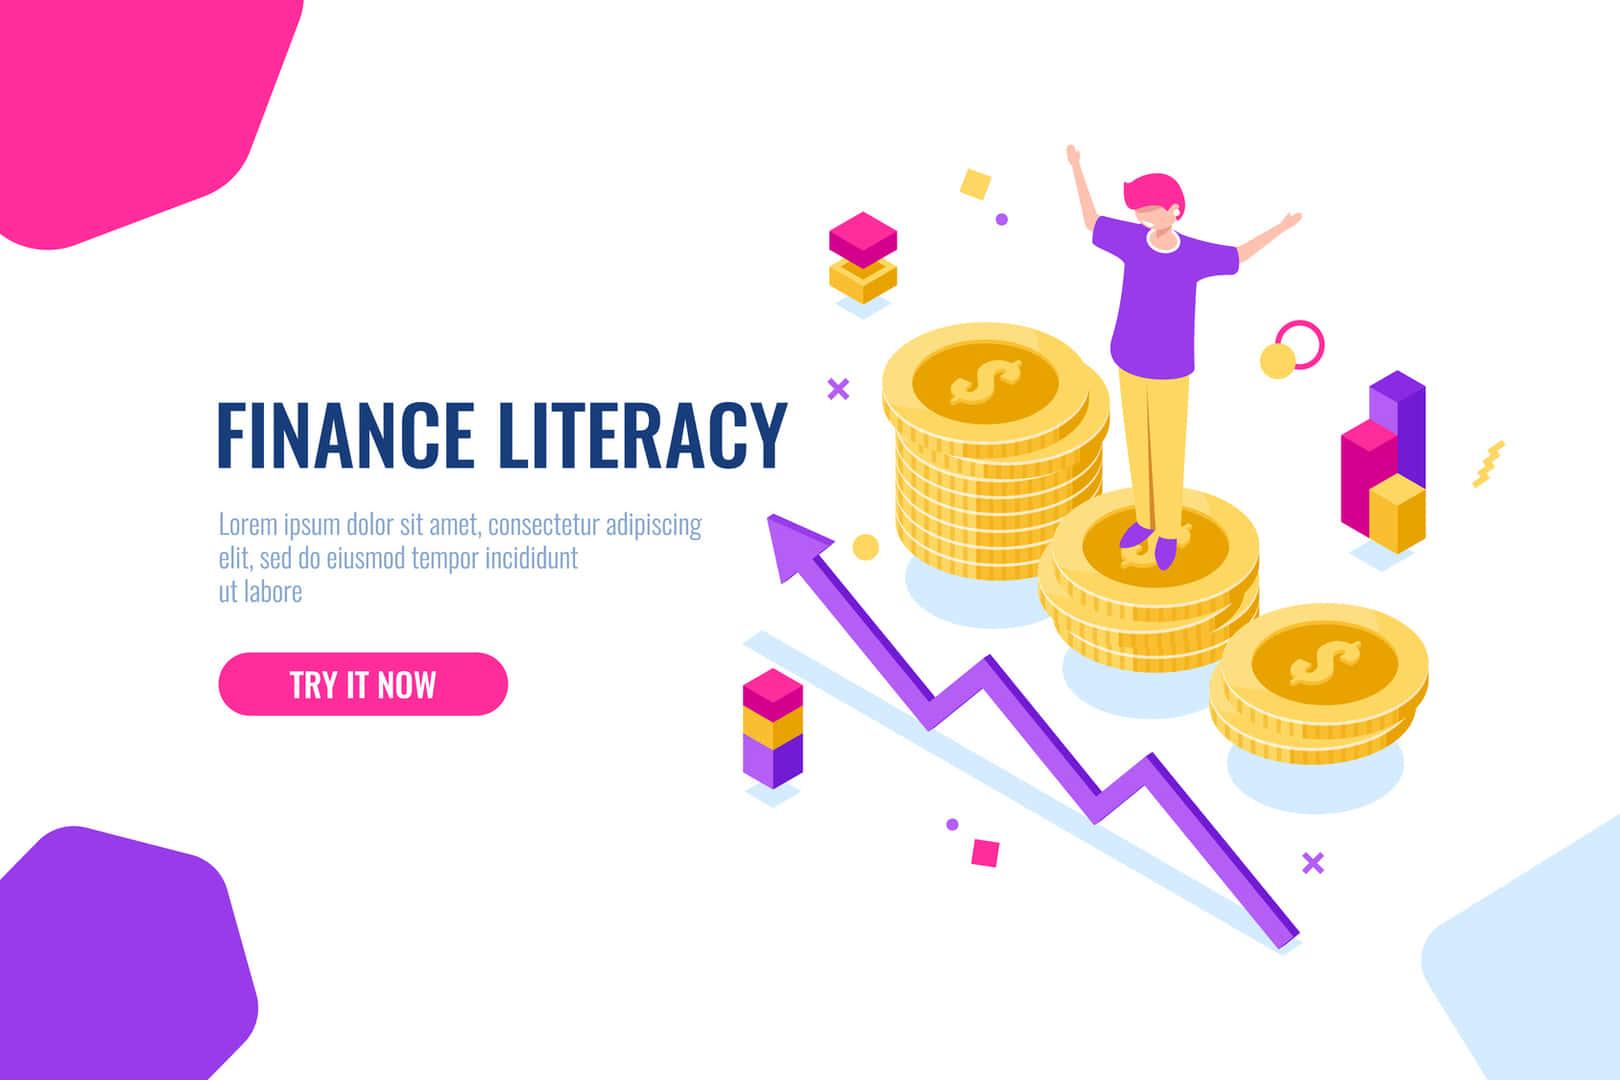 調査で日本人が低いと判明した『金融リテラシー』とは?金融経済教育の必要性を徹底解説。